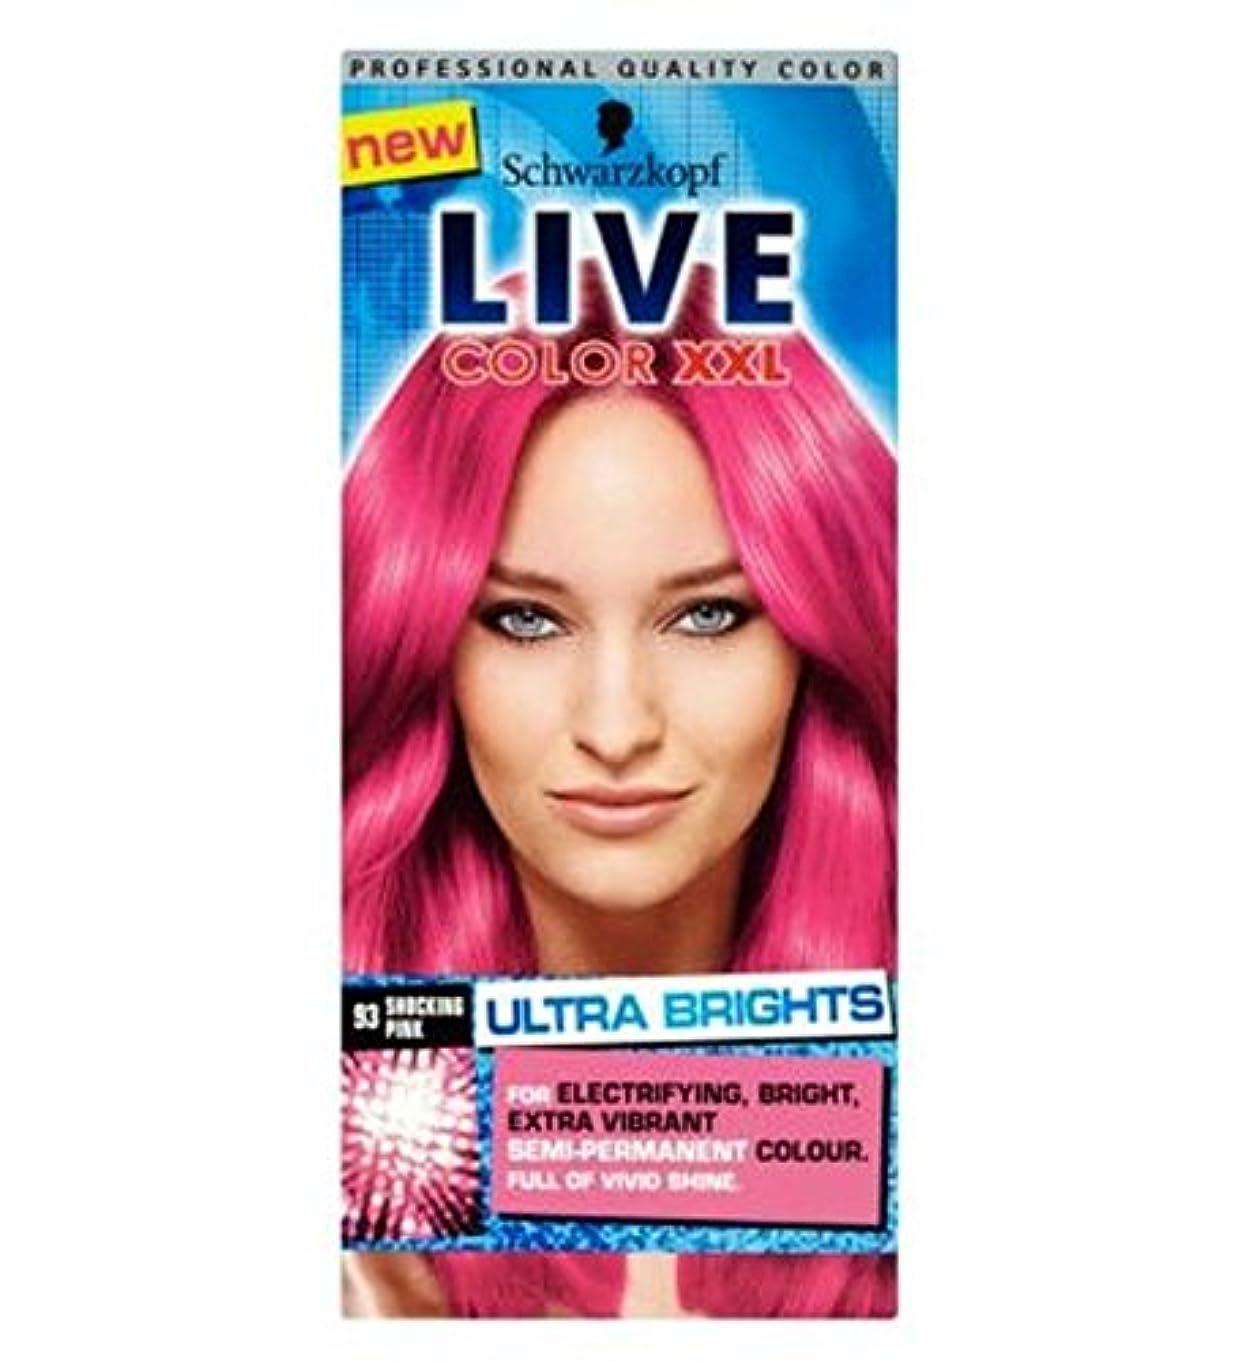 部分的に矛盾コンテストSchwarzkopf LIVE Color XXL Ultra Brights 93 Shocking Pink Semi-Permanent Pink Hair Dye - シュワルツコフライブカラーXxl超輝93ショッキングピンク...